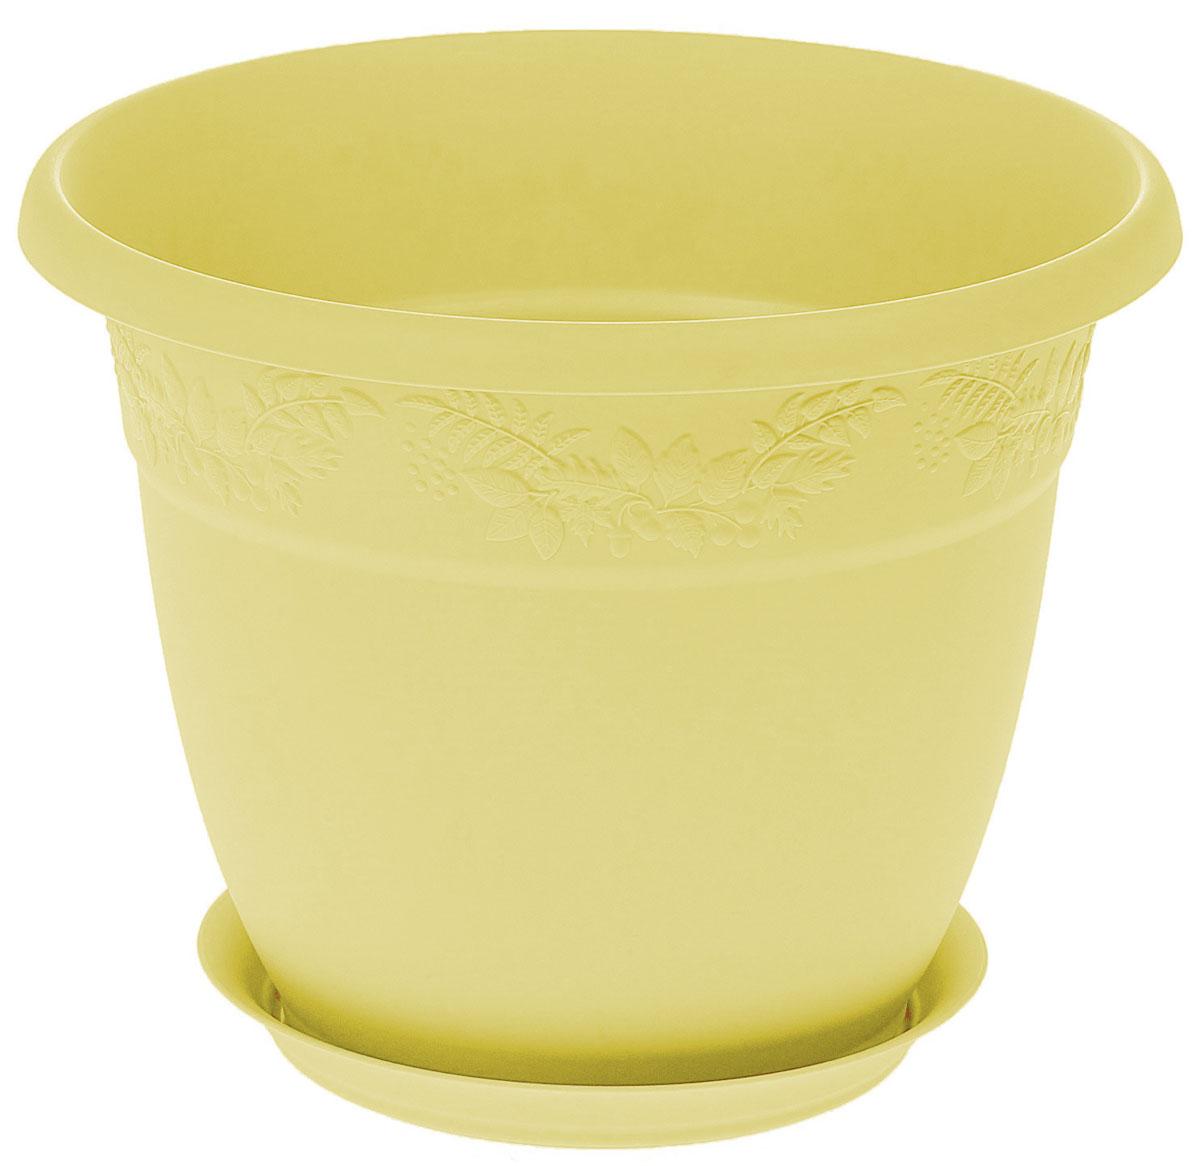 Кашпо Idea Рябина, с поддоном, цвет: банановый, 3,6 л531-301Кашпо Idea Рябина изготовлено из высококачественного полипропилена (пластика). Специальный поддон предназначен для стока воды. Изделие прекрасно подходит для выращивания растений и цветов в домашних условиях. Лаконичный дизайн впишется в интерьер любого помещения. Диаметр поддона: 15 см. Объем кашпо: 3,6 л.Диаметр кашпо по верхнему краю: 22 см.Высота кашпо: 17,5 см.